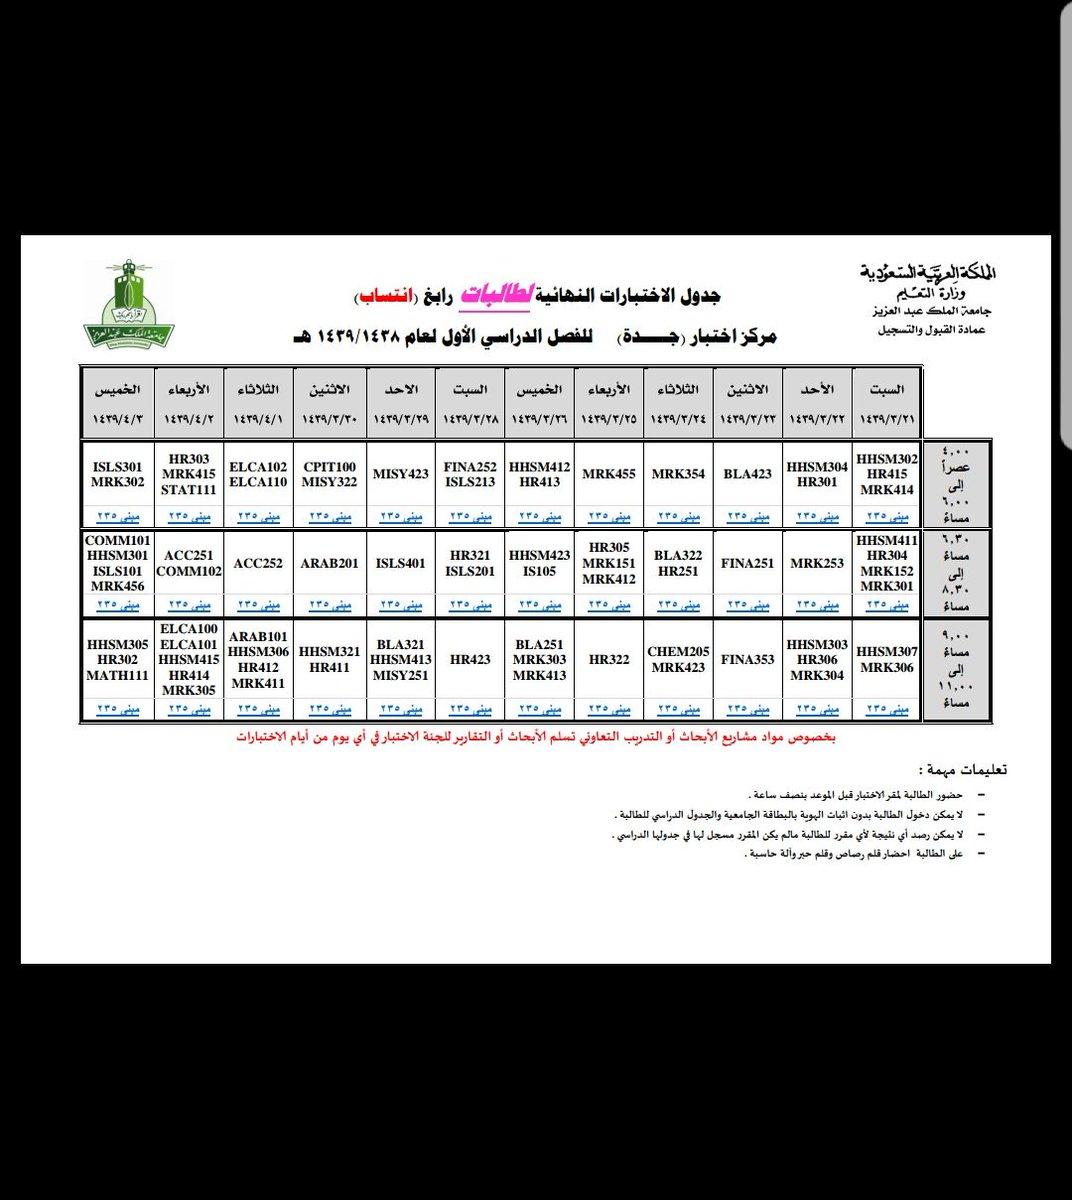 جدول اختبارات جامعة الملك عبدالعزيز انتساب